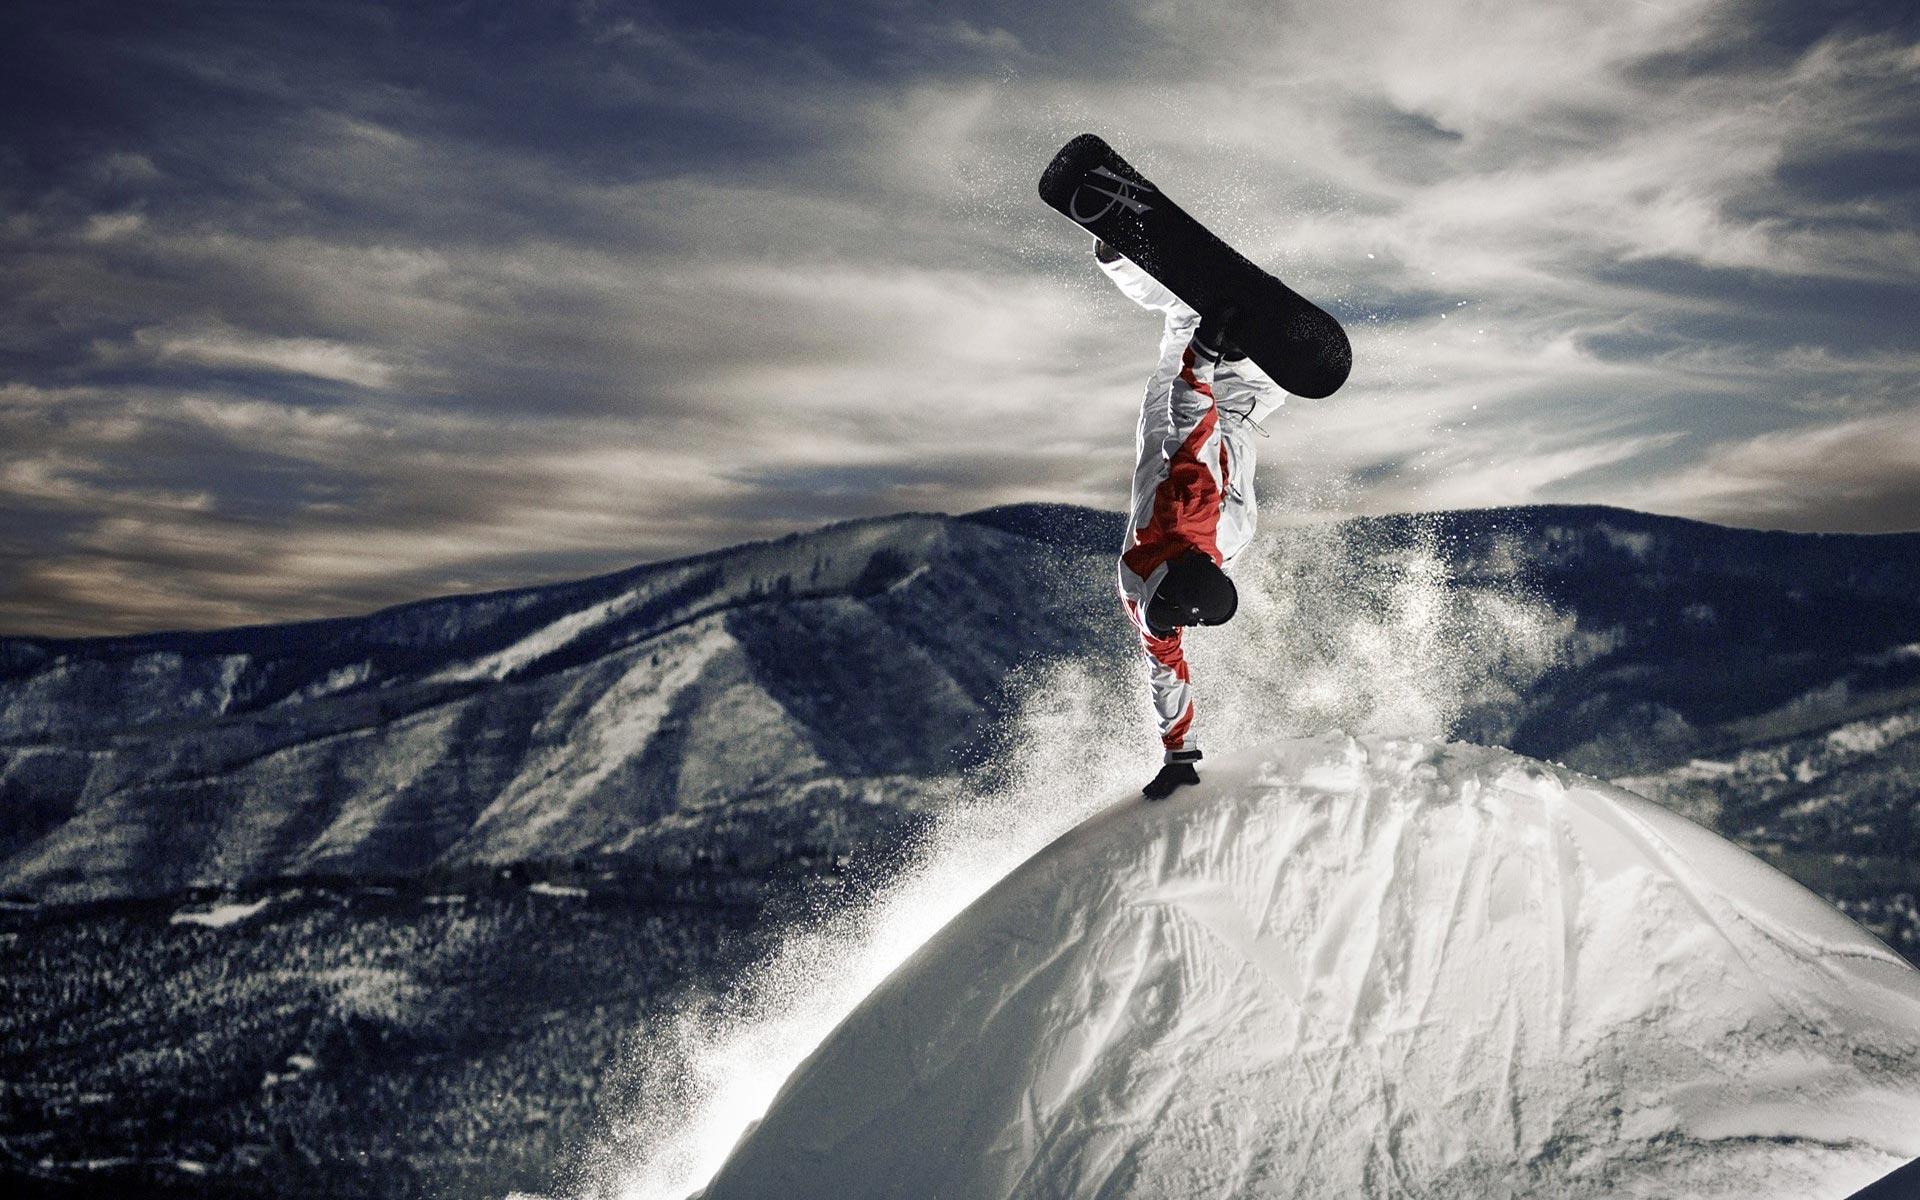 snowboard_jump_4_hd_widescreen_wallpapers_1920x1200.jpg Snowboarding 1920x1200